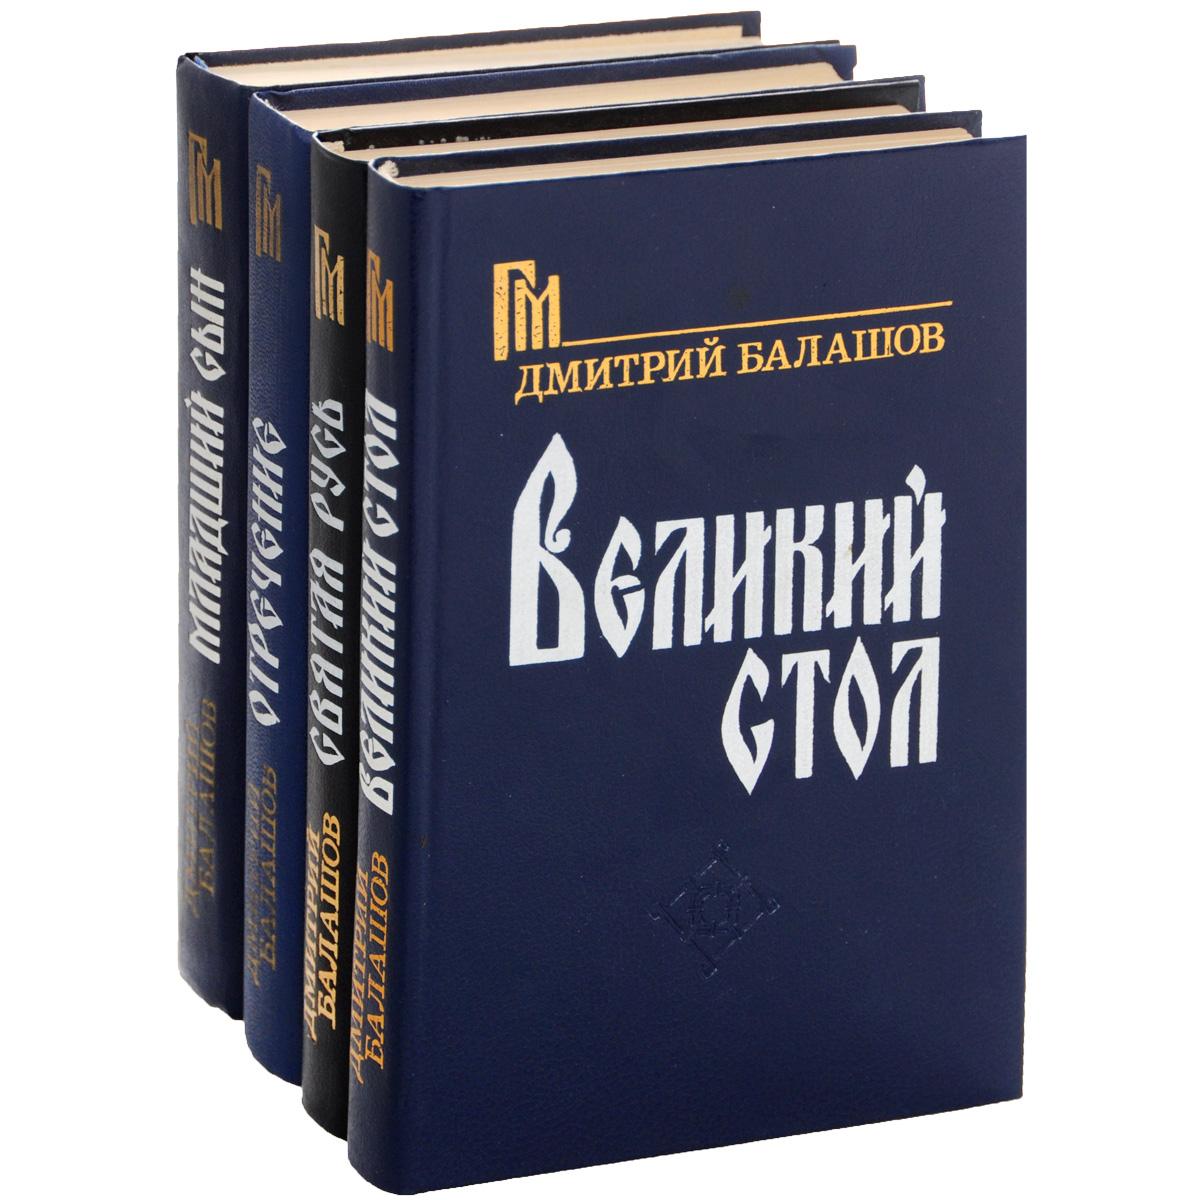 Дмитрий Балашов Государи московские (комплект из 4 книг) серия коллекция исторических романов комплект из 21 книг